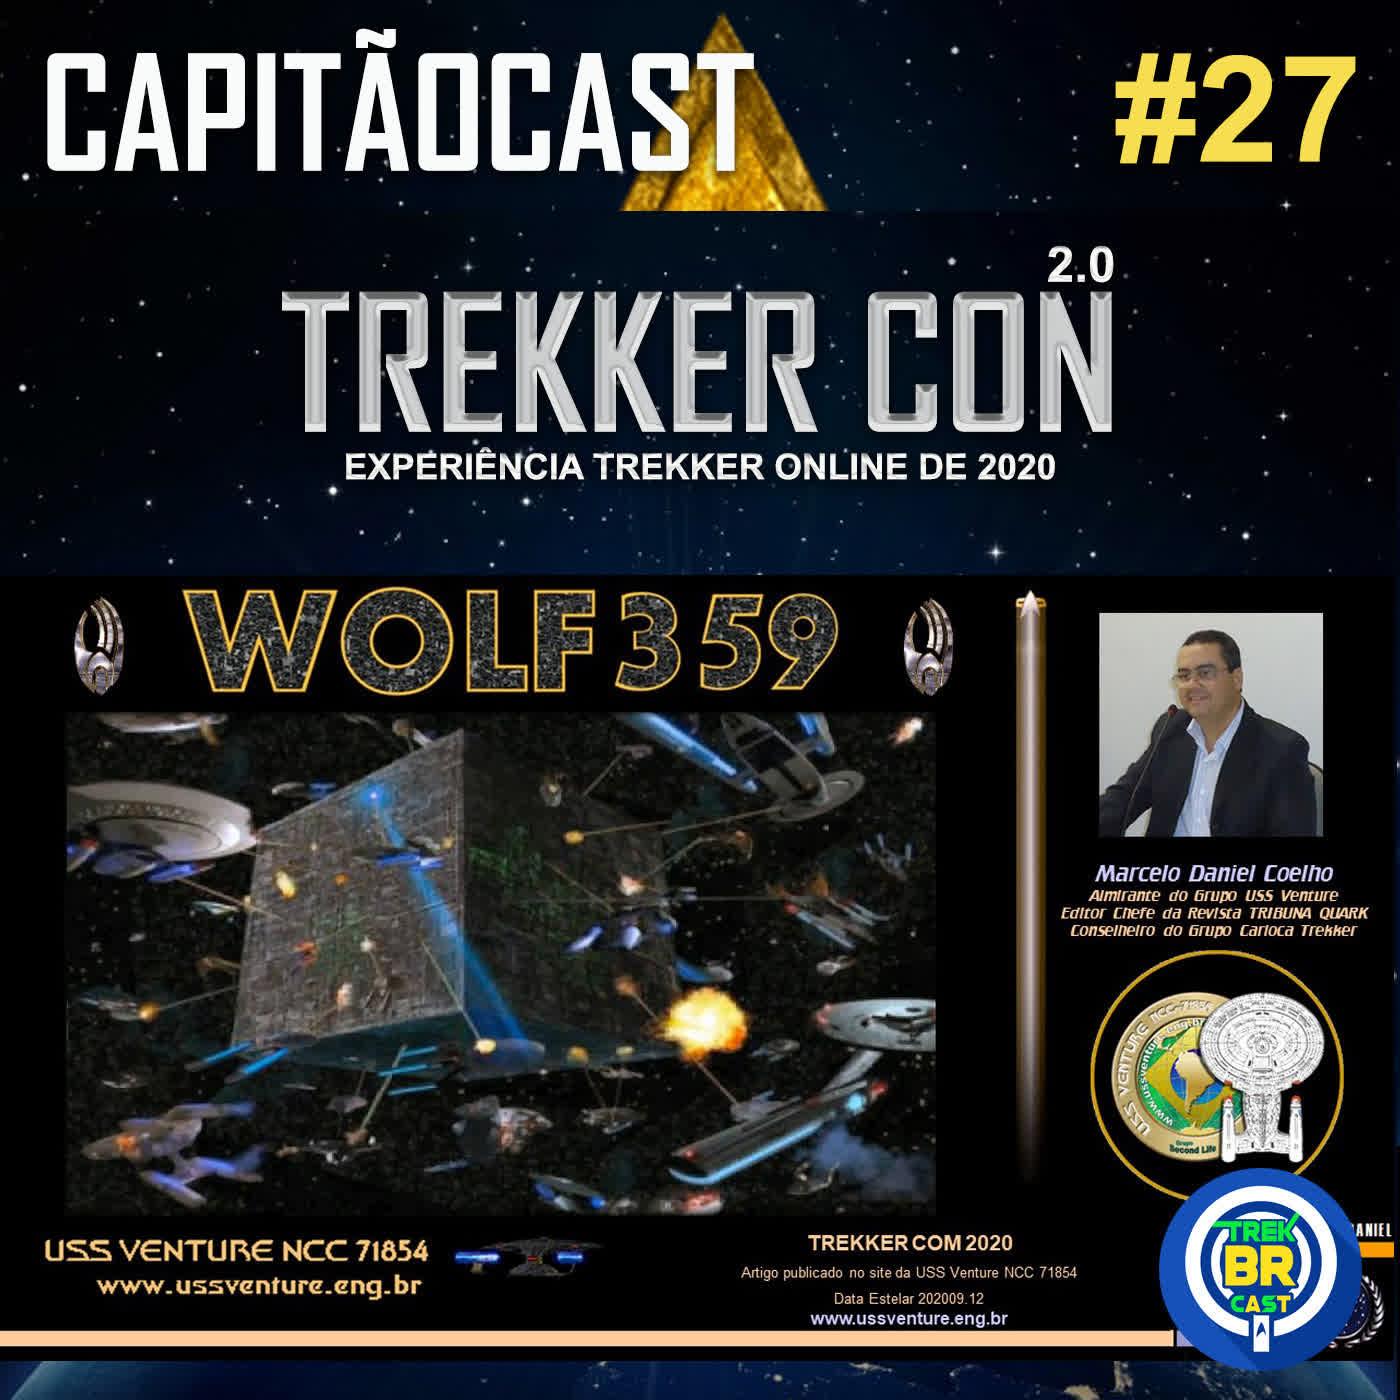 WOLF 359 - Diário do Capitão S06EP142